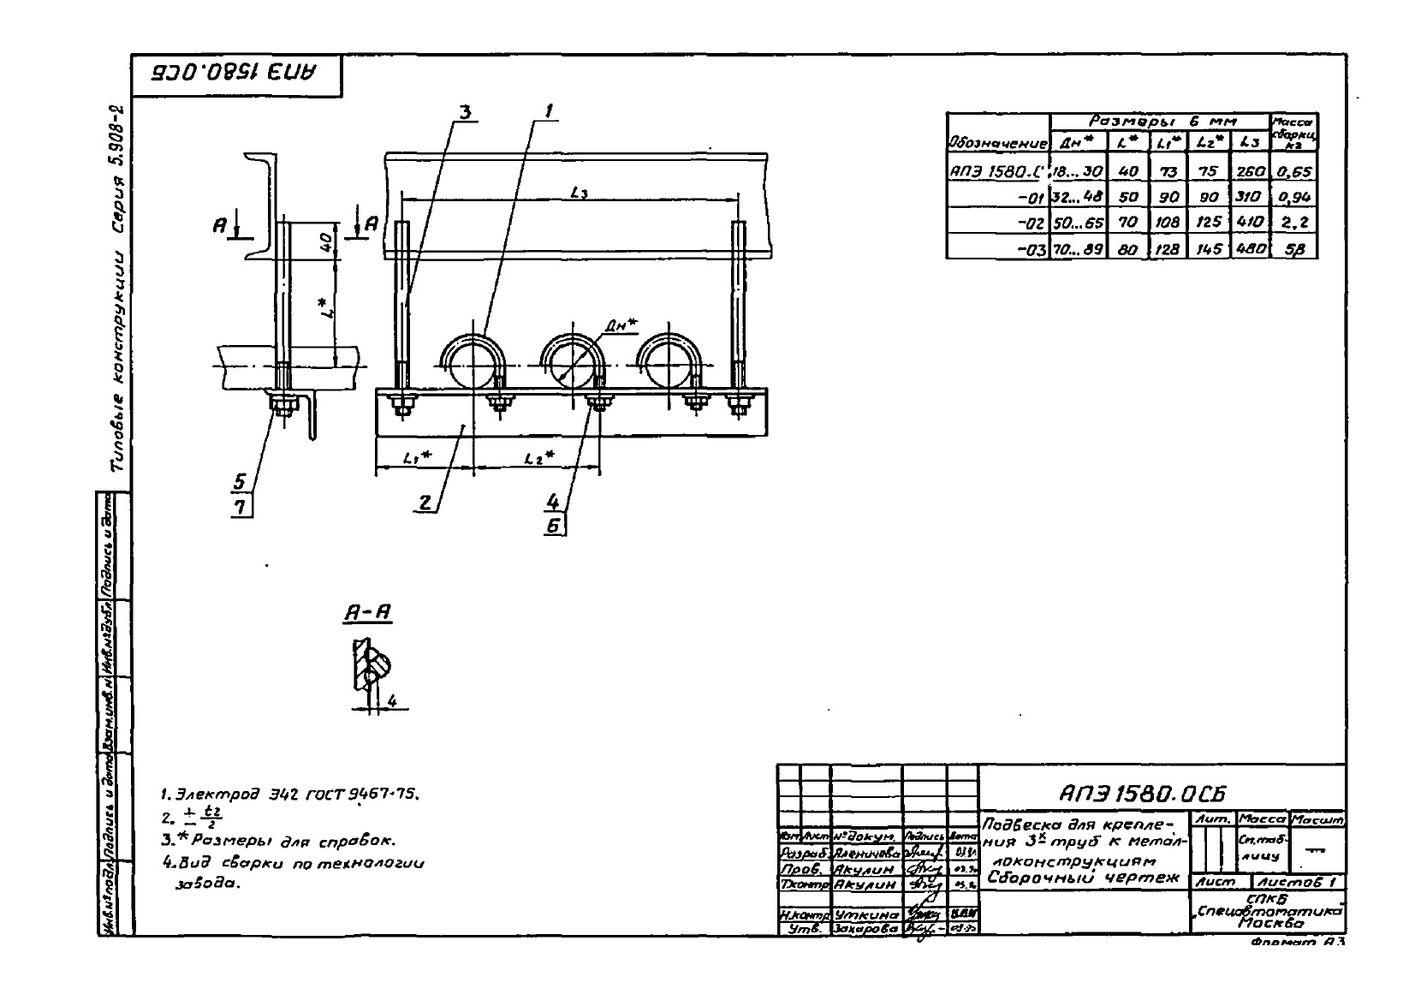 Подвеска АПЭ 1580.0 серия 5.908-2 стр.1